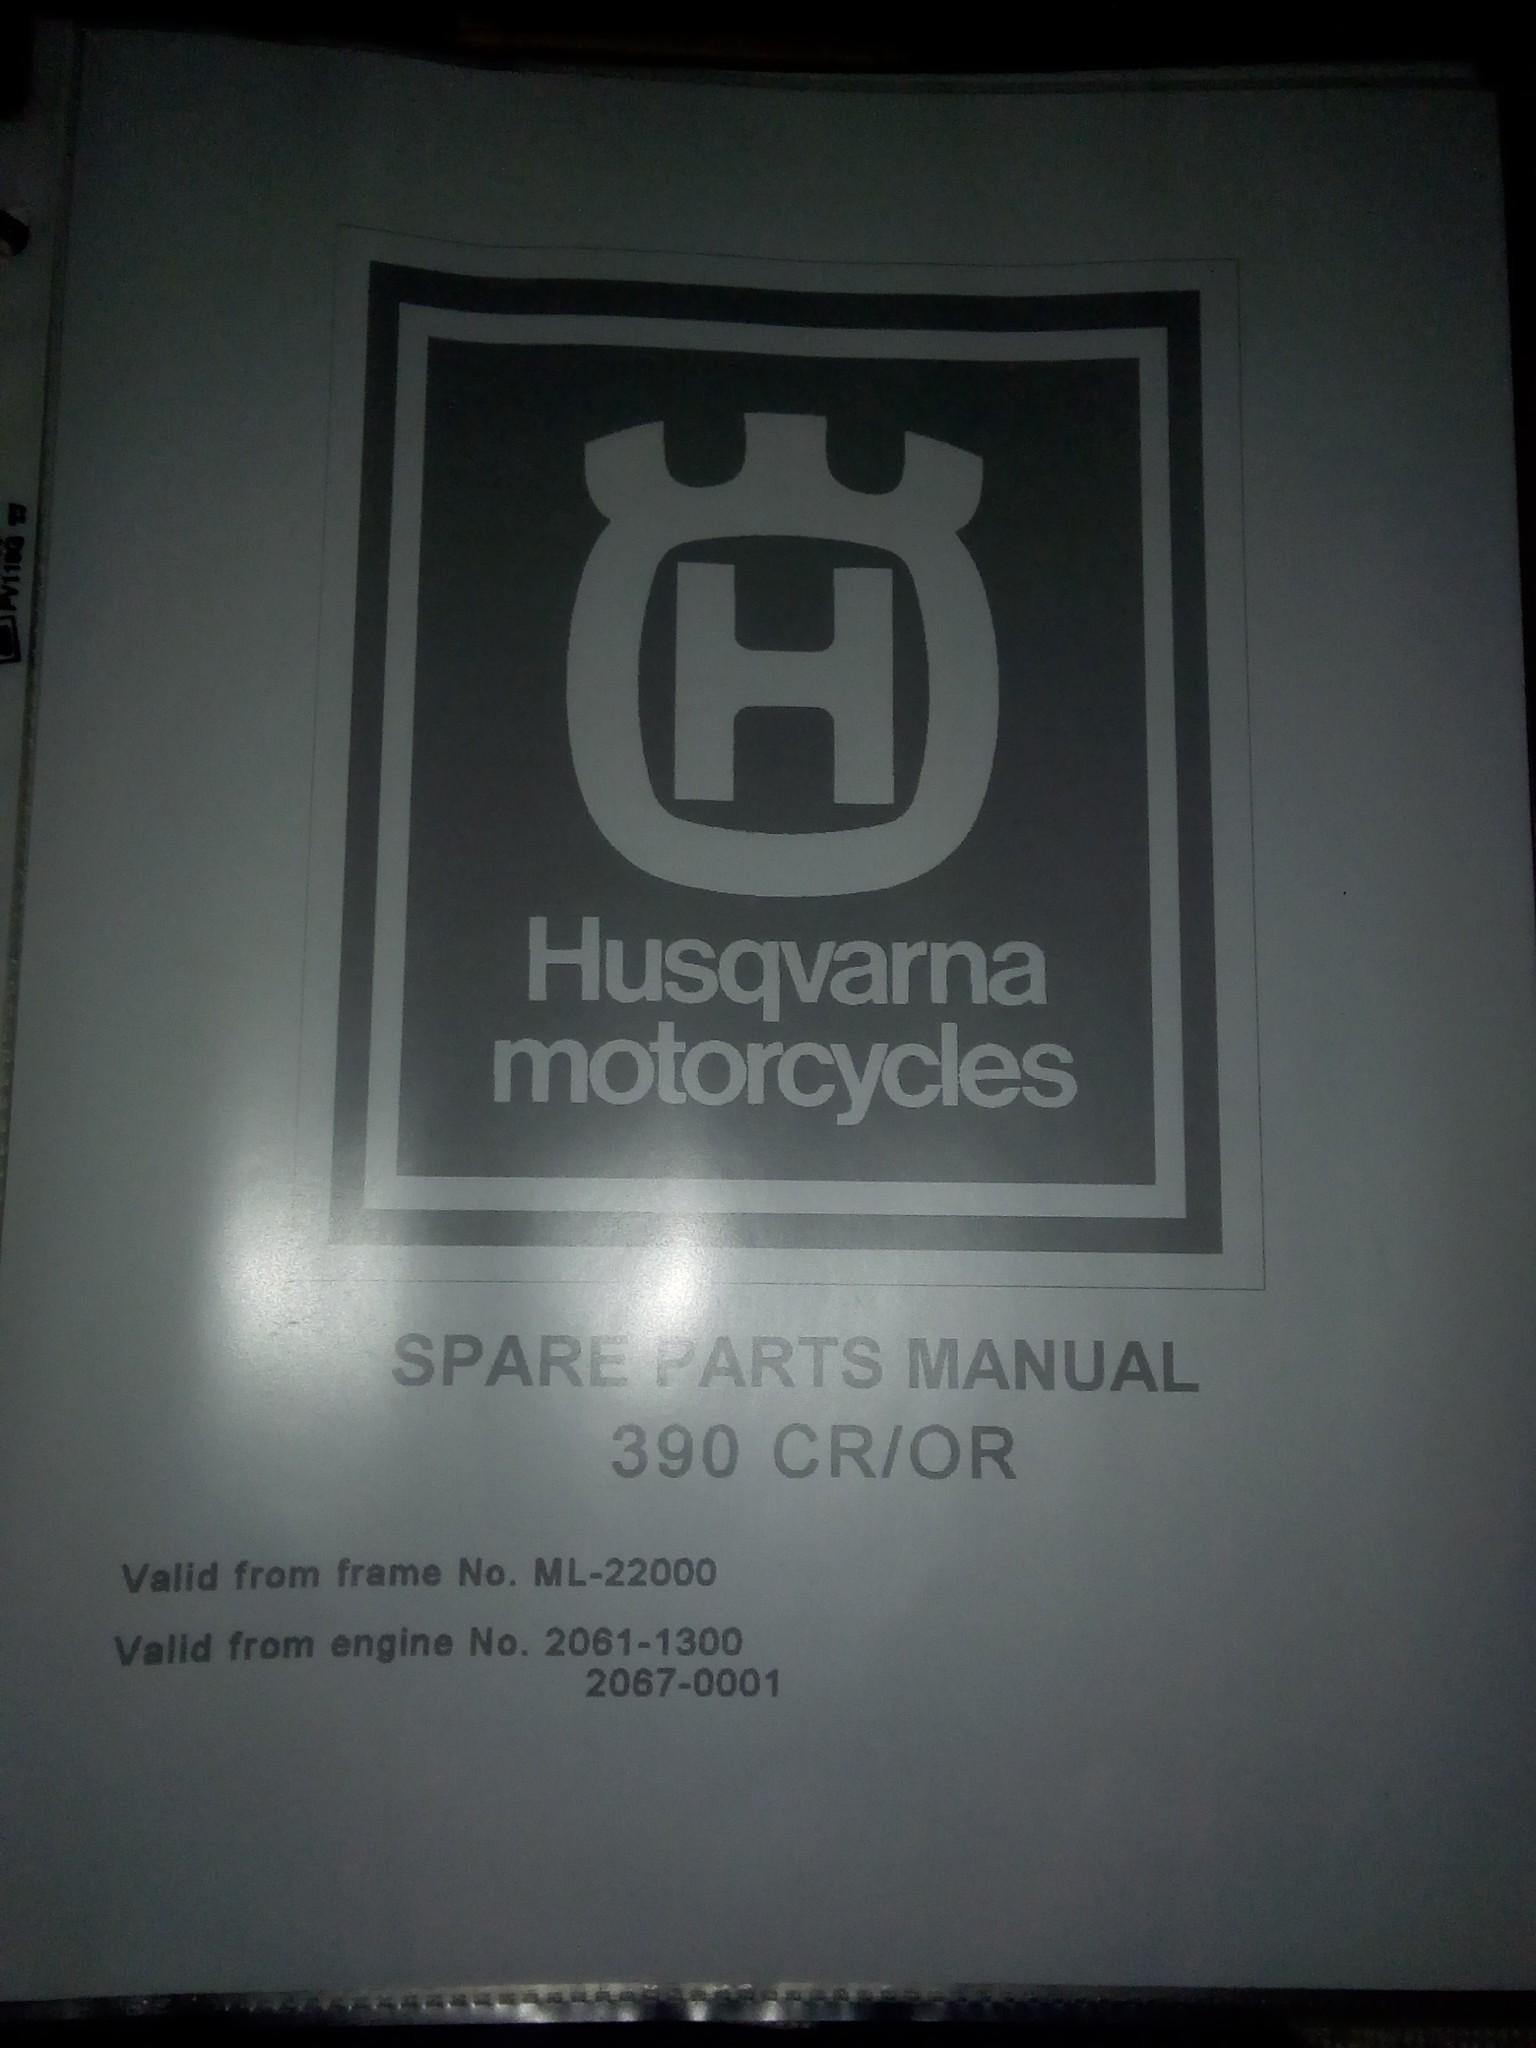 Husqvarna owners/parts/repair manual